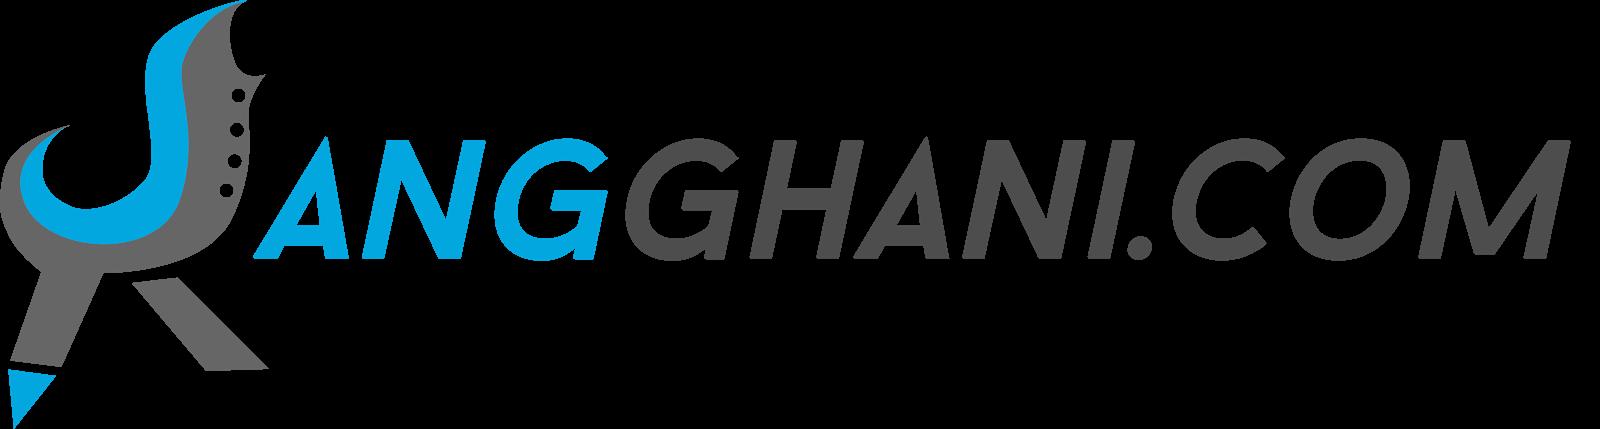 Kang Ghani